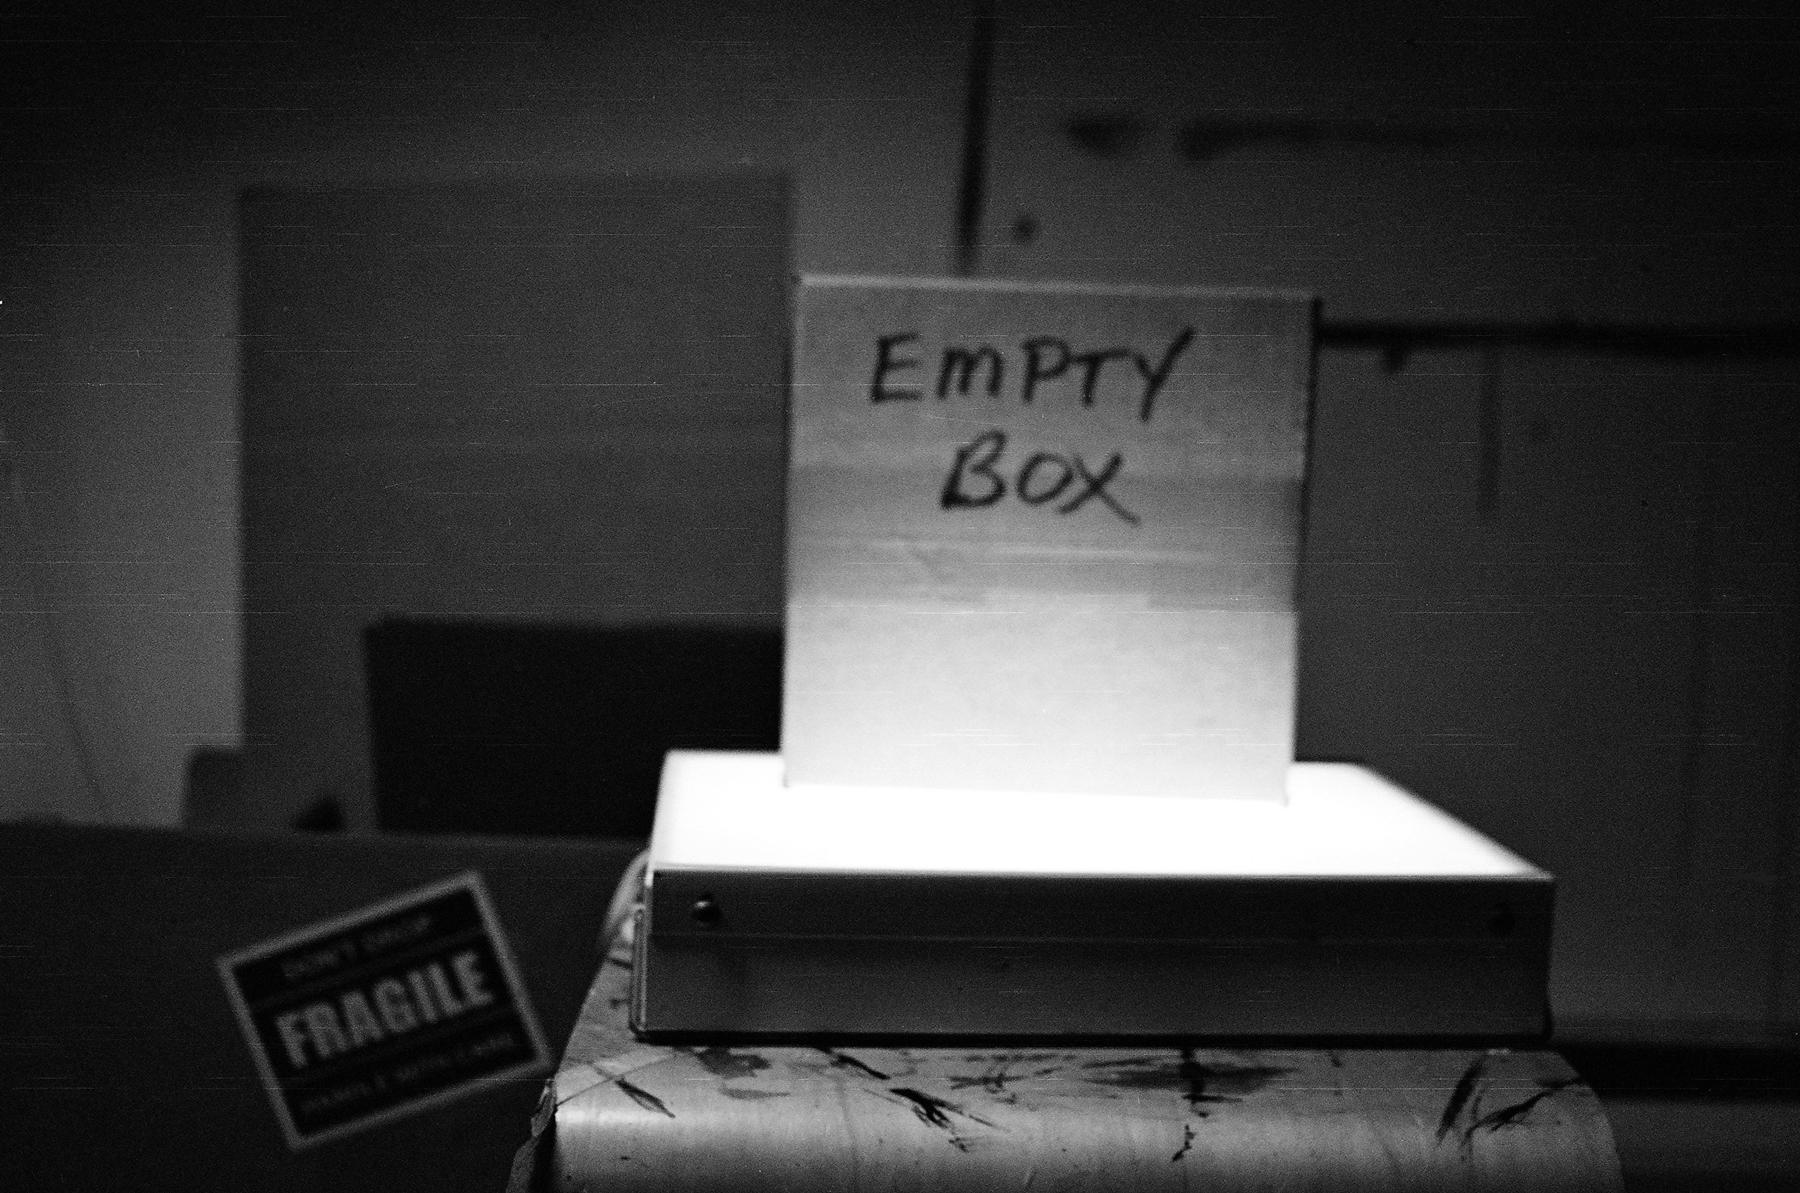 Anda Marcu | Empty Box | NikonFM | Ilford XP2 Super